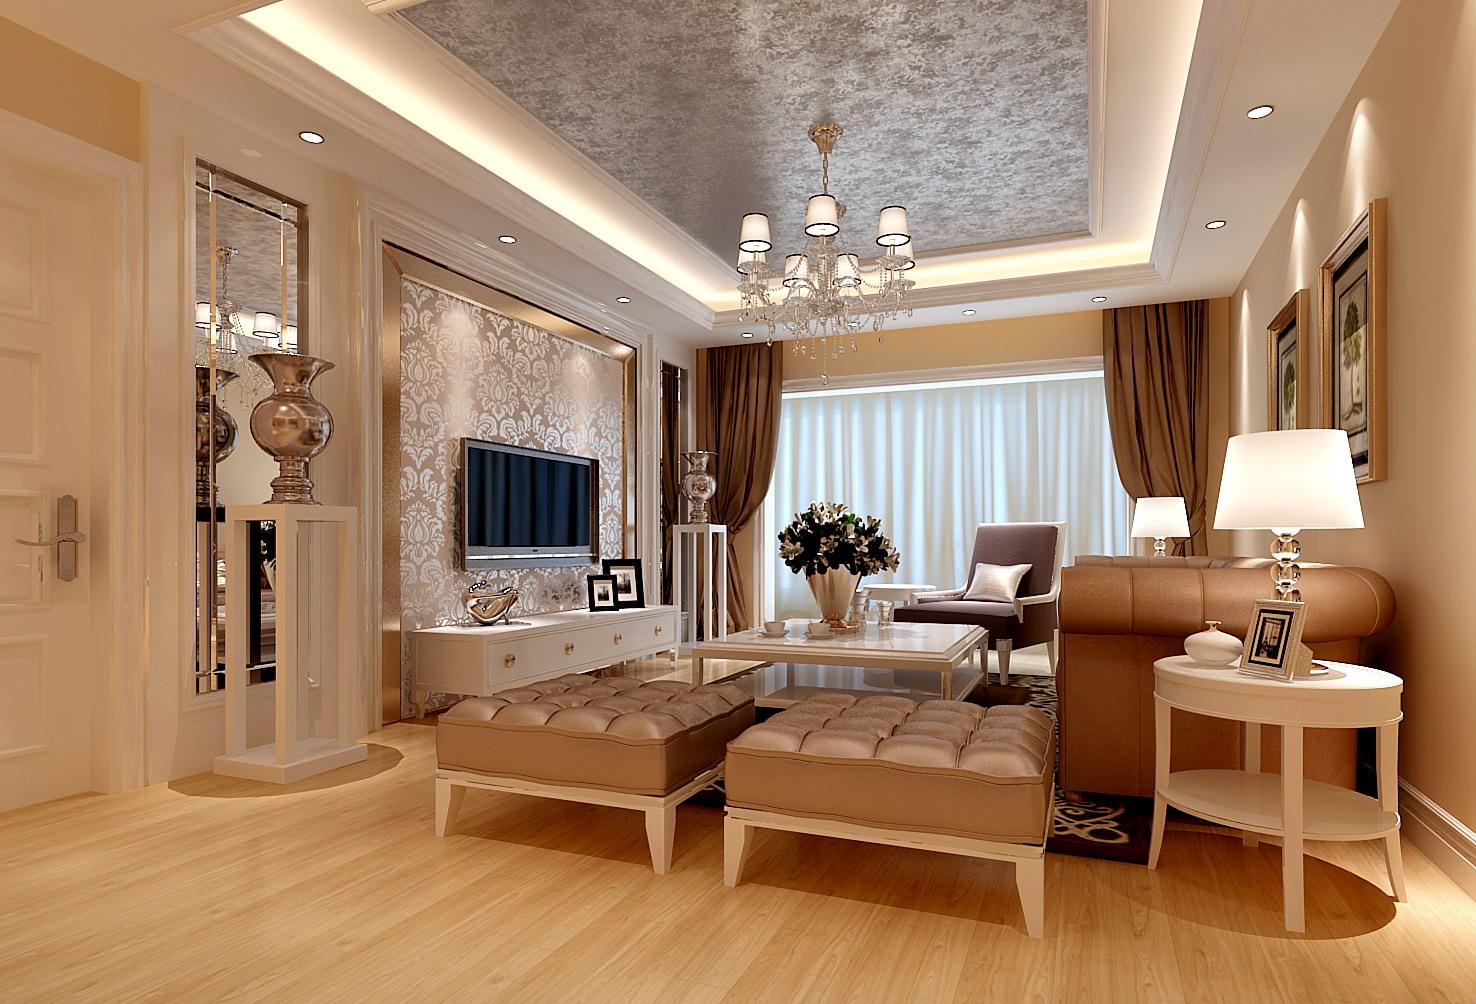 混搭 客厅图片来自今朝装饰老房专线在145平,混搭风,昌平区王府花园的分享